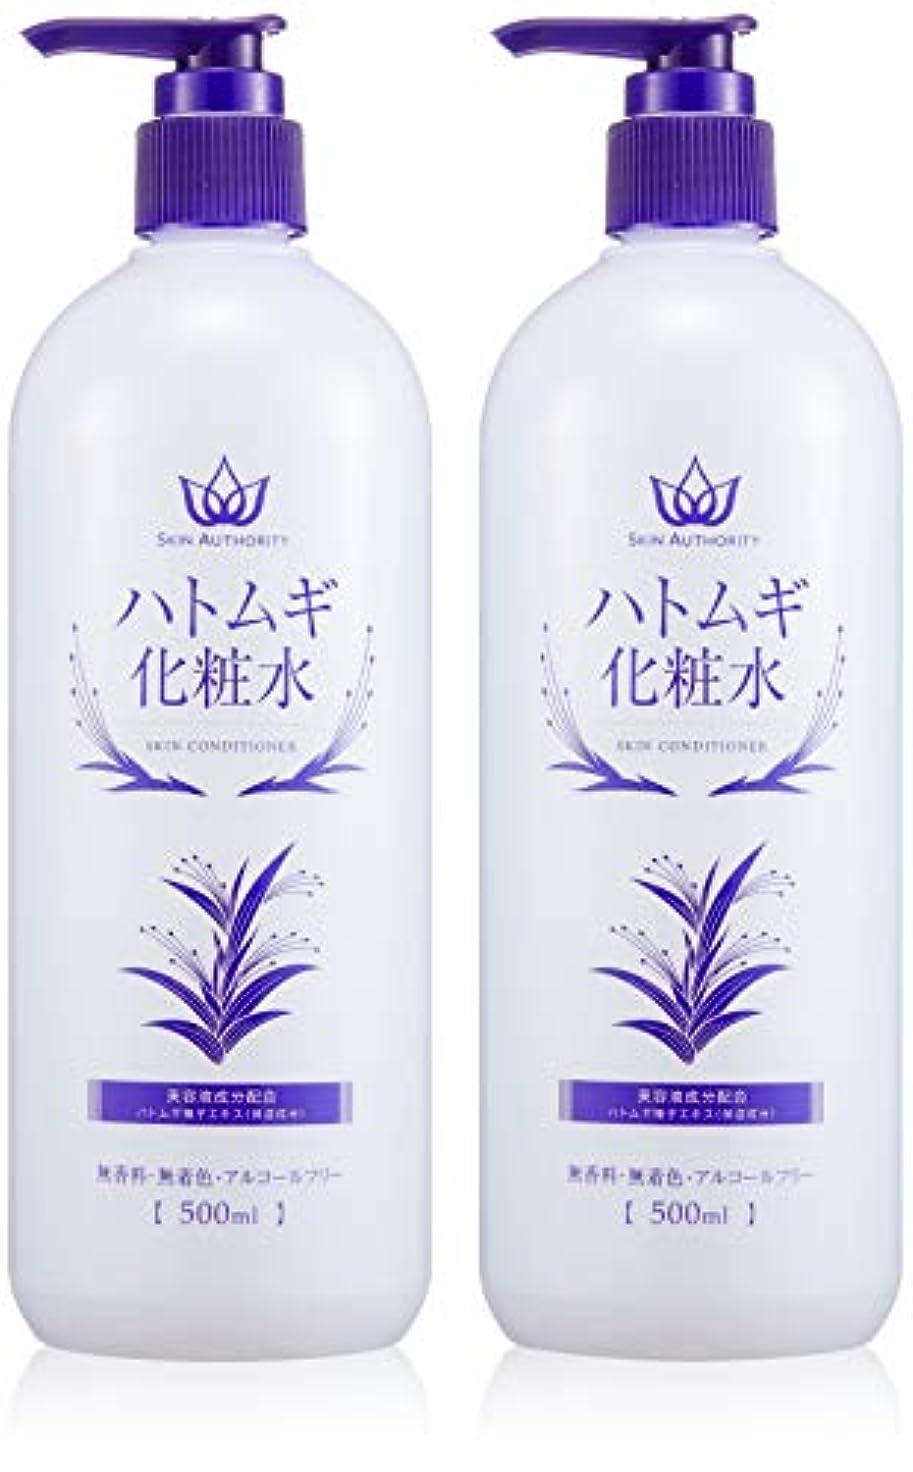 窒息させるインスタンス鑑定[Amazon限定ブランド] SKIN AUTHORITY ハトムギ化粧水 500mlx2本